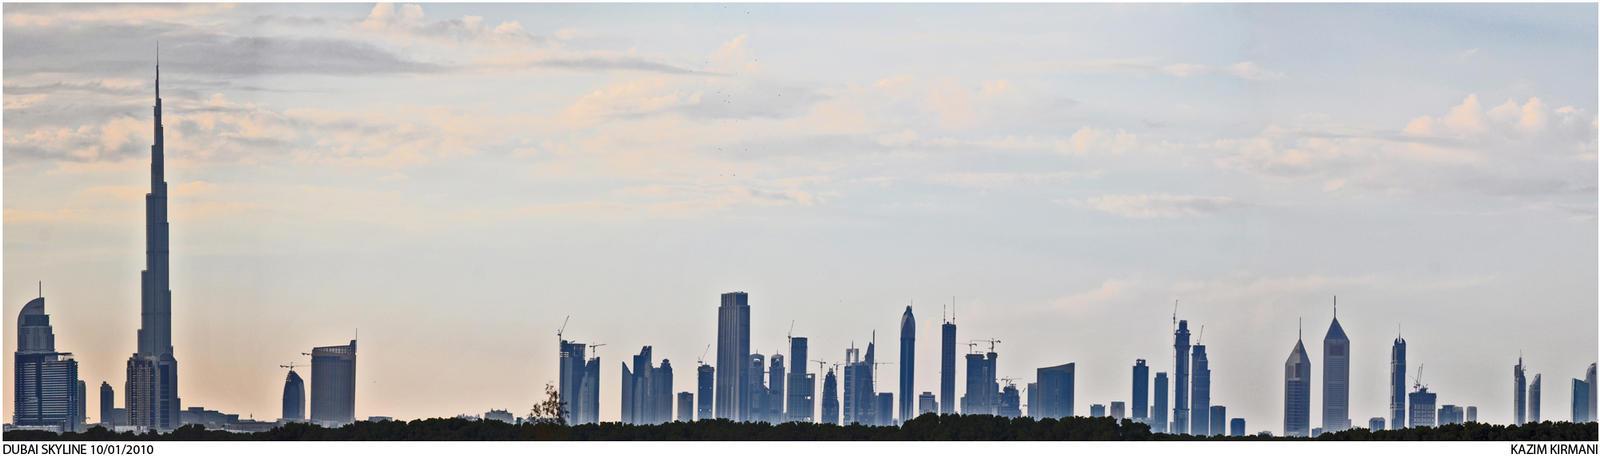 Dubai Skyline by kazimkirmani